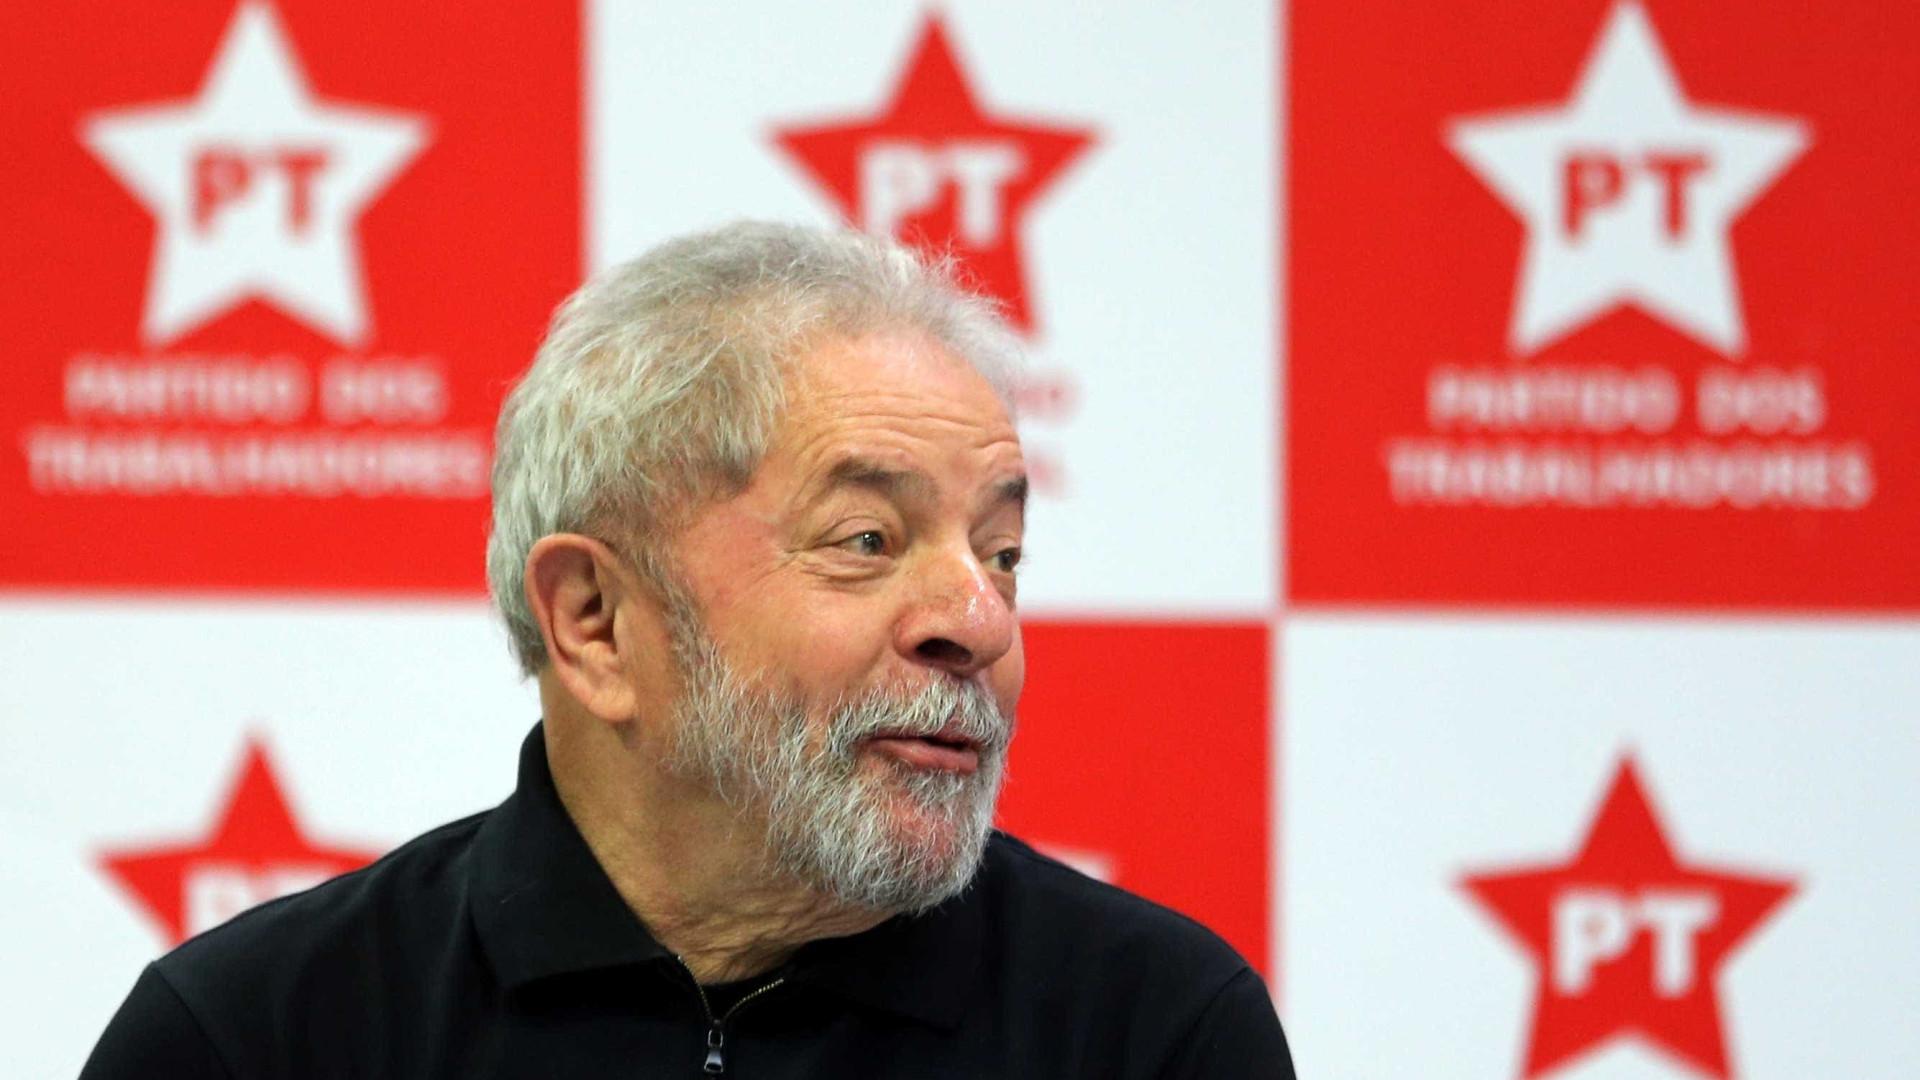 Lula lidera com 30,5% dos votos  eventual disputa em 2018